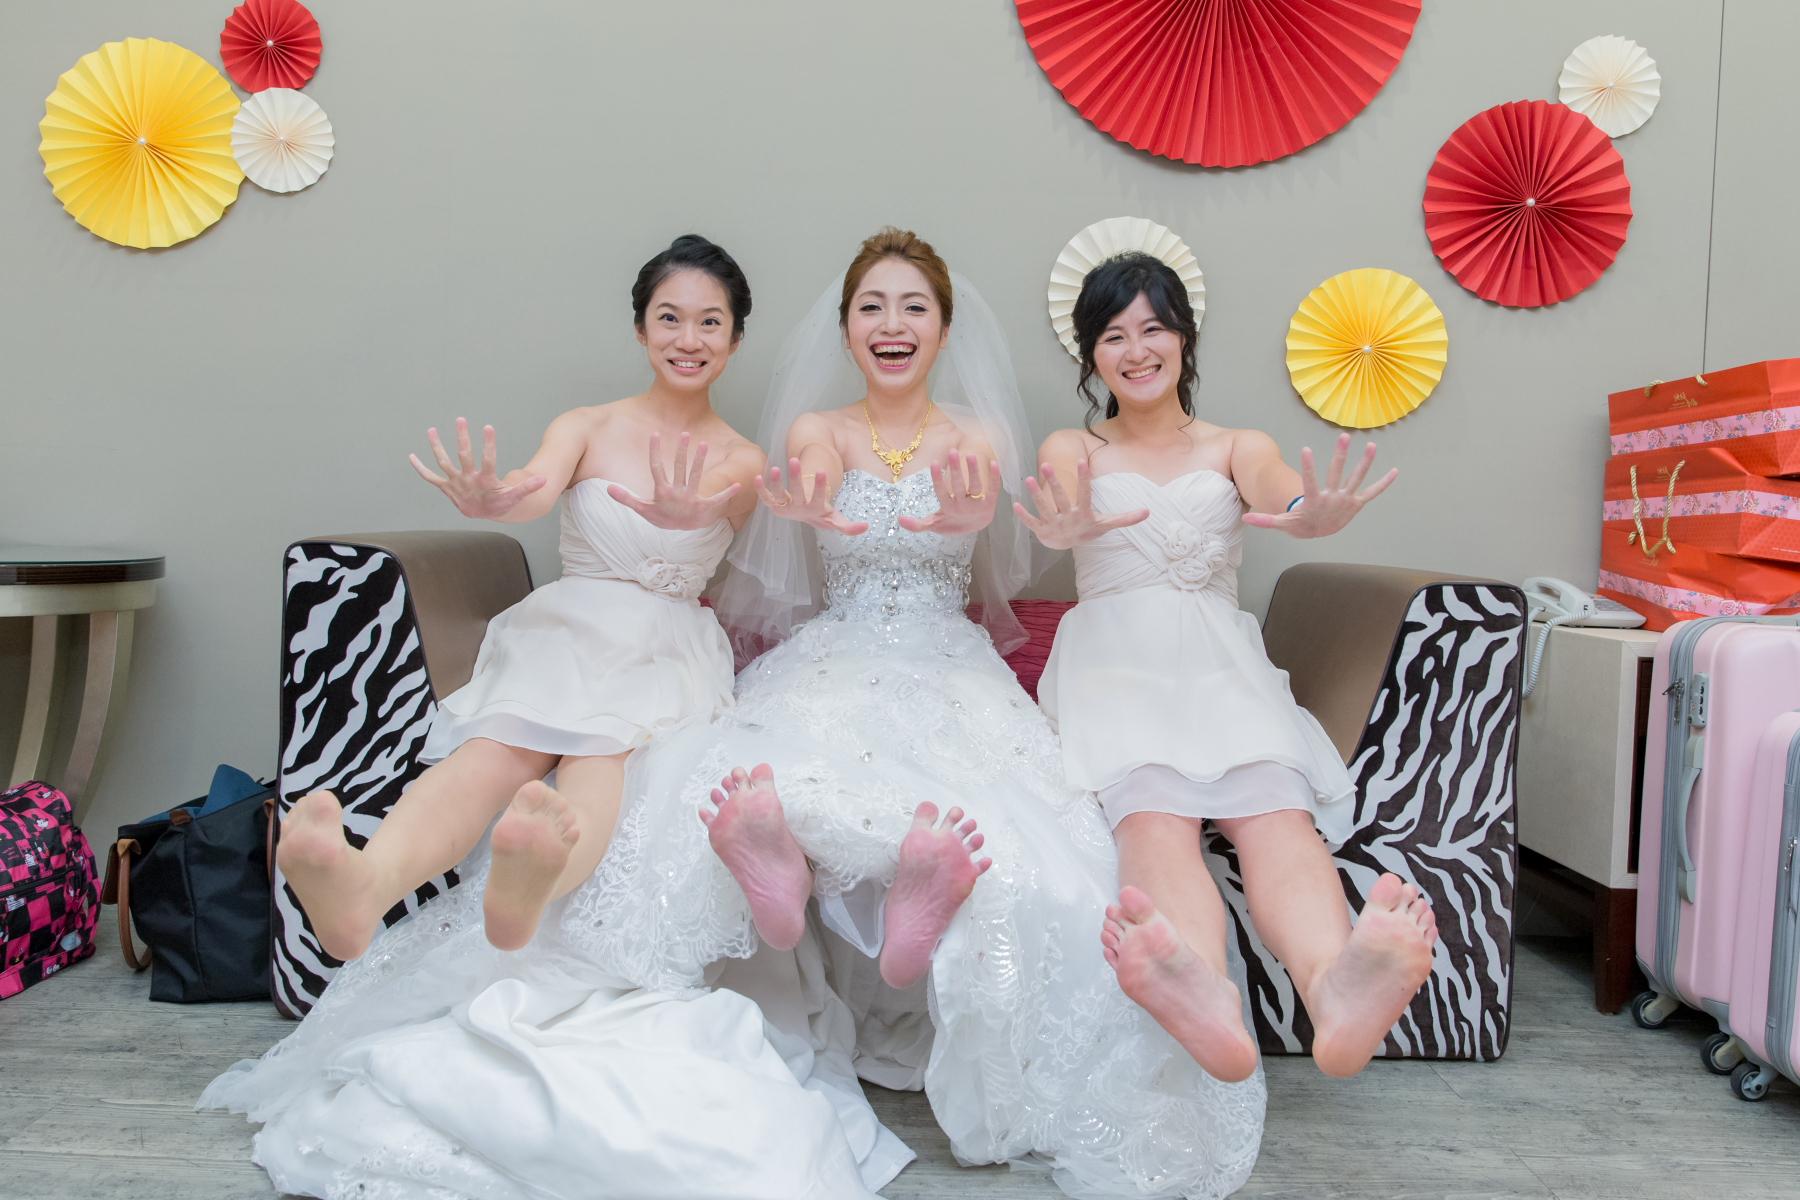 峻誌毓潔婚禮344